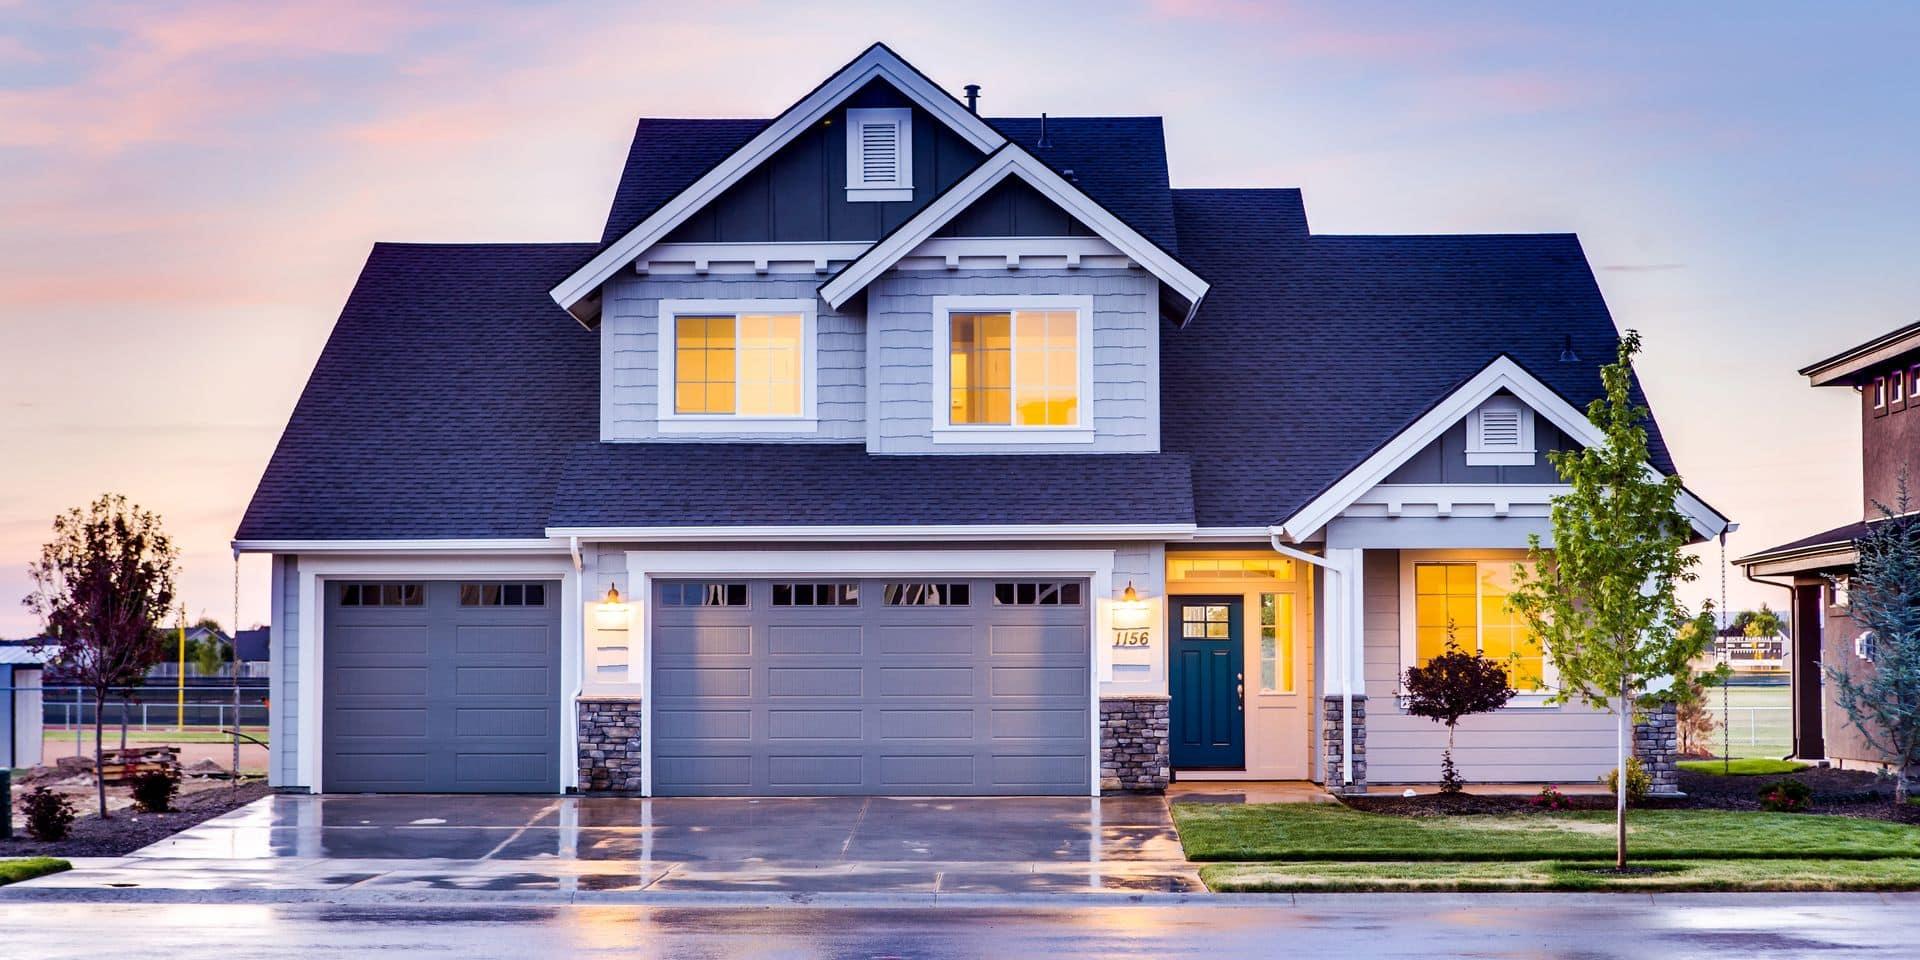 Grandir et vieillir sans changer de maison? Zoom sur le logement évolutif